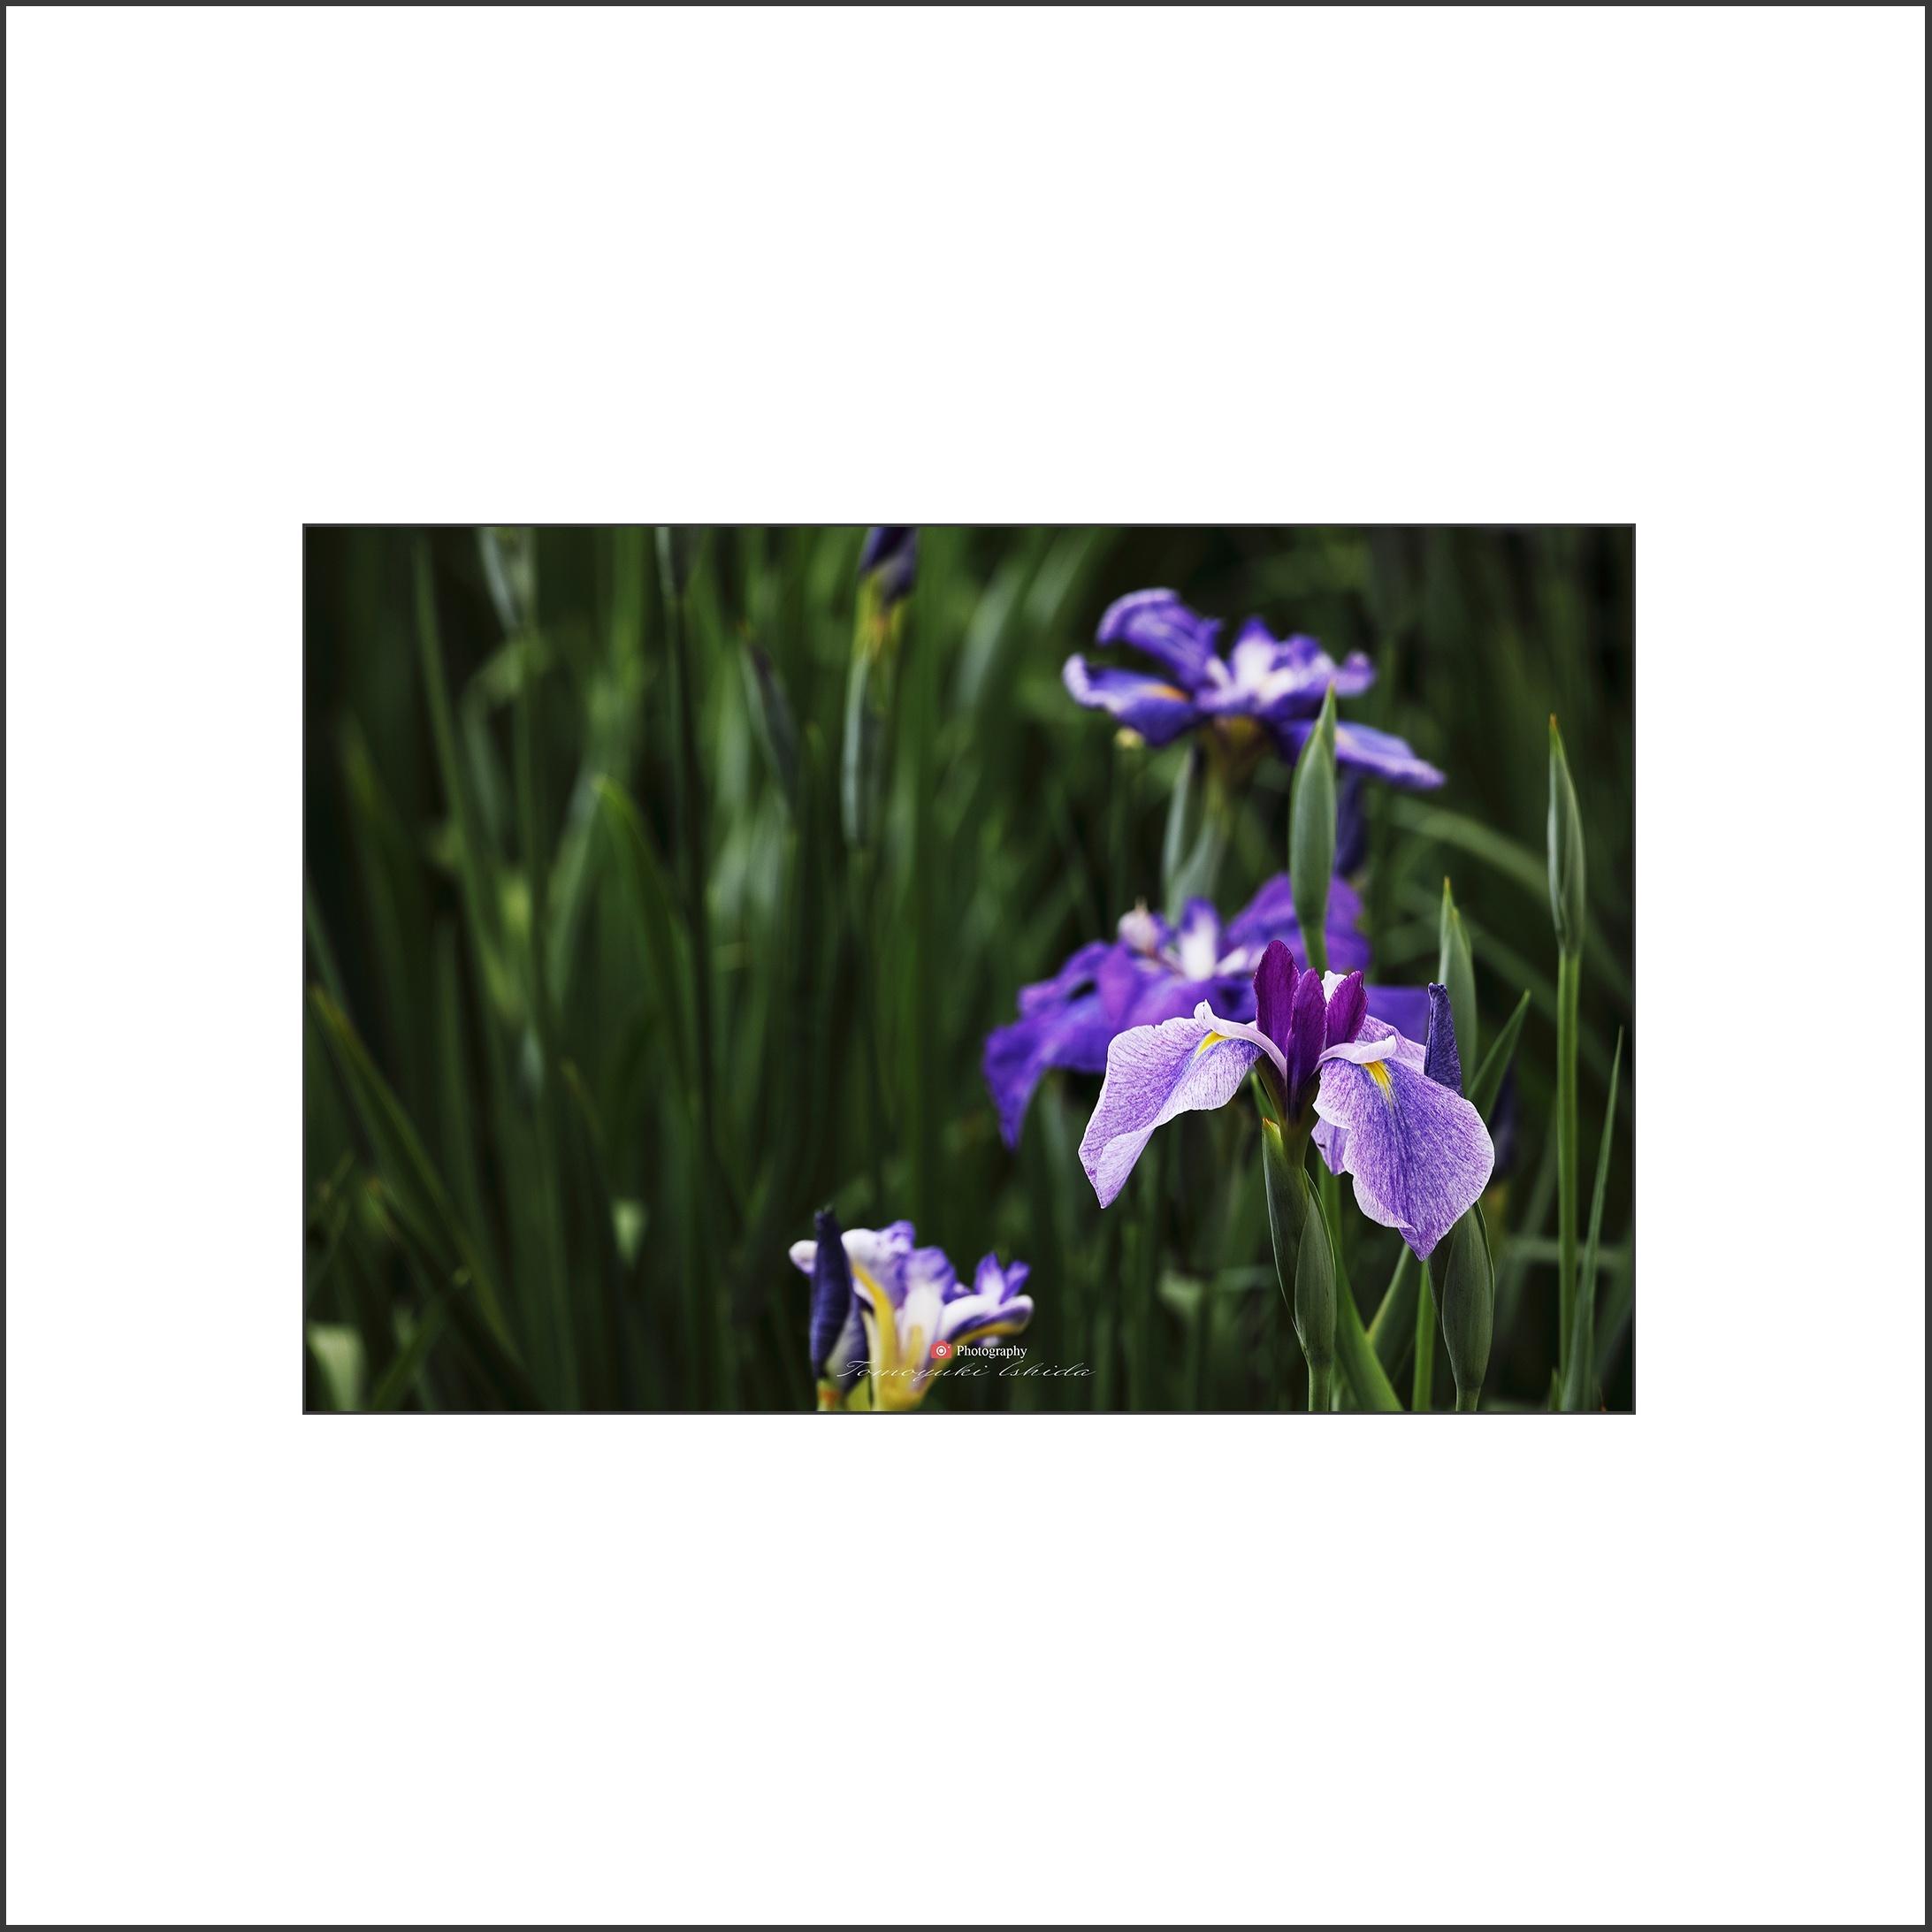 花しょうぶ Ⅱ-2_c0253556_06175083.jpg